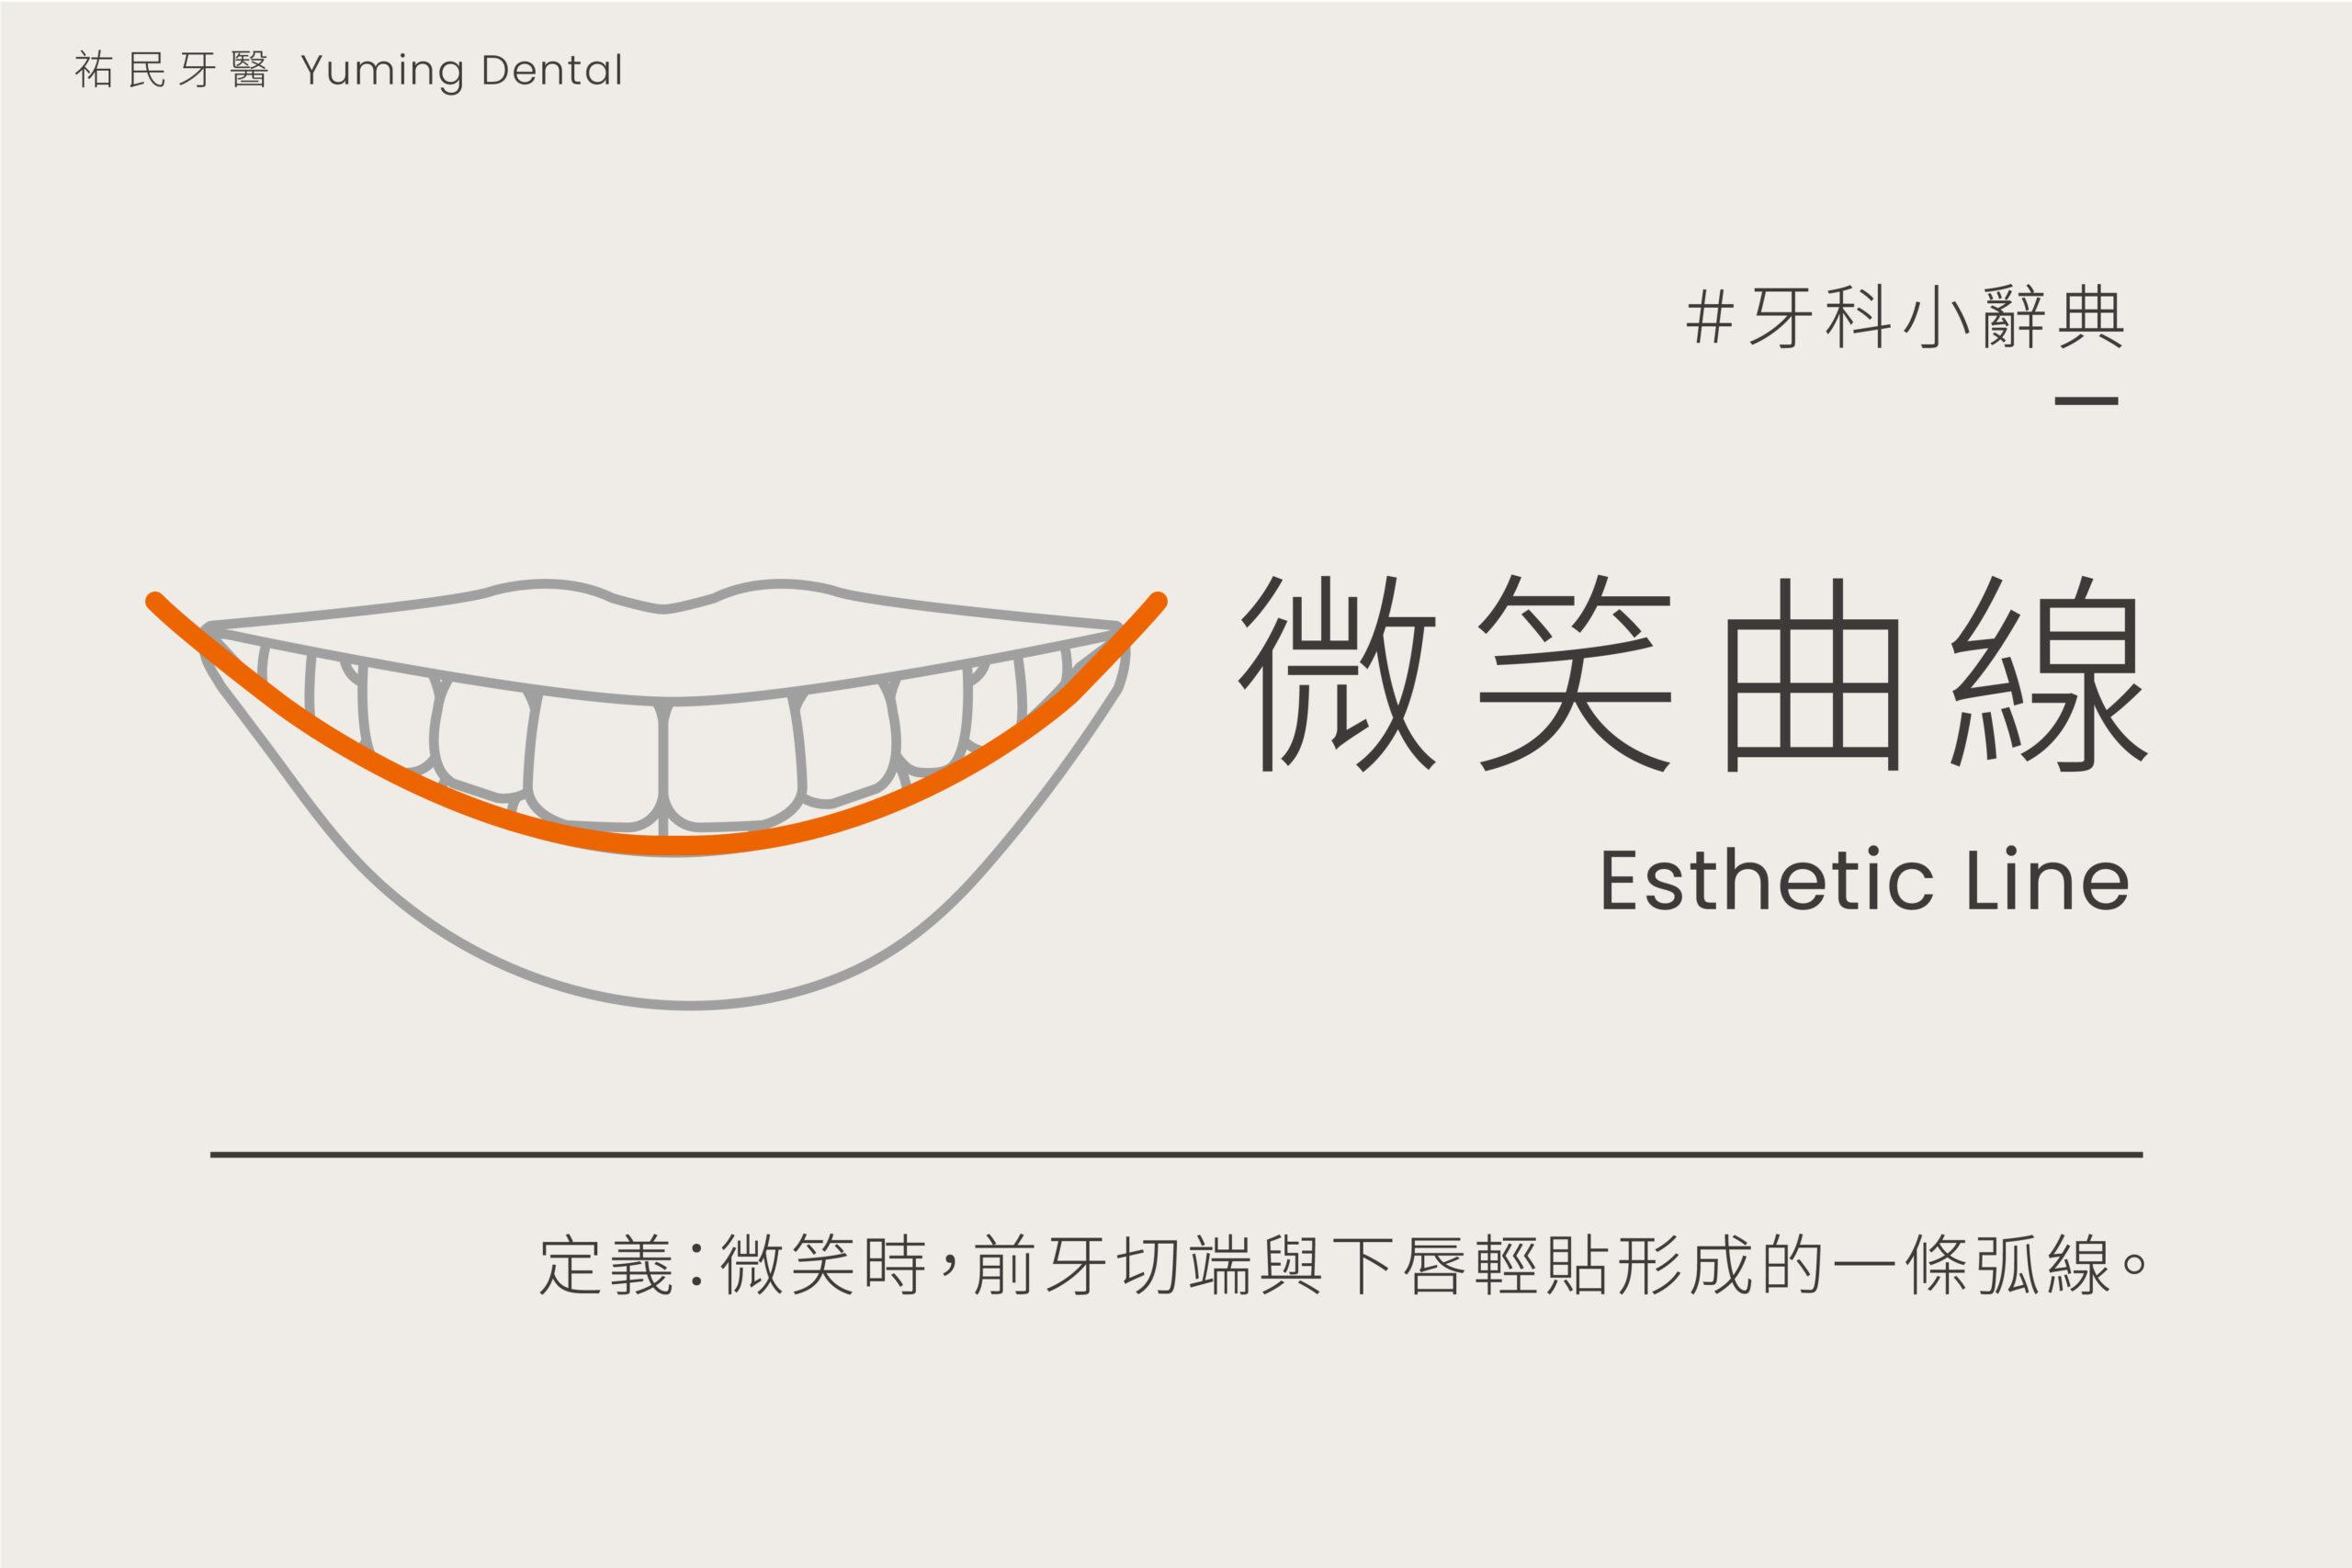 全瓷貼片也可以調整整體的微笑曲線,讓笑容比例更和諧完美